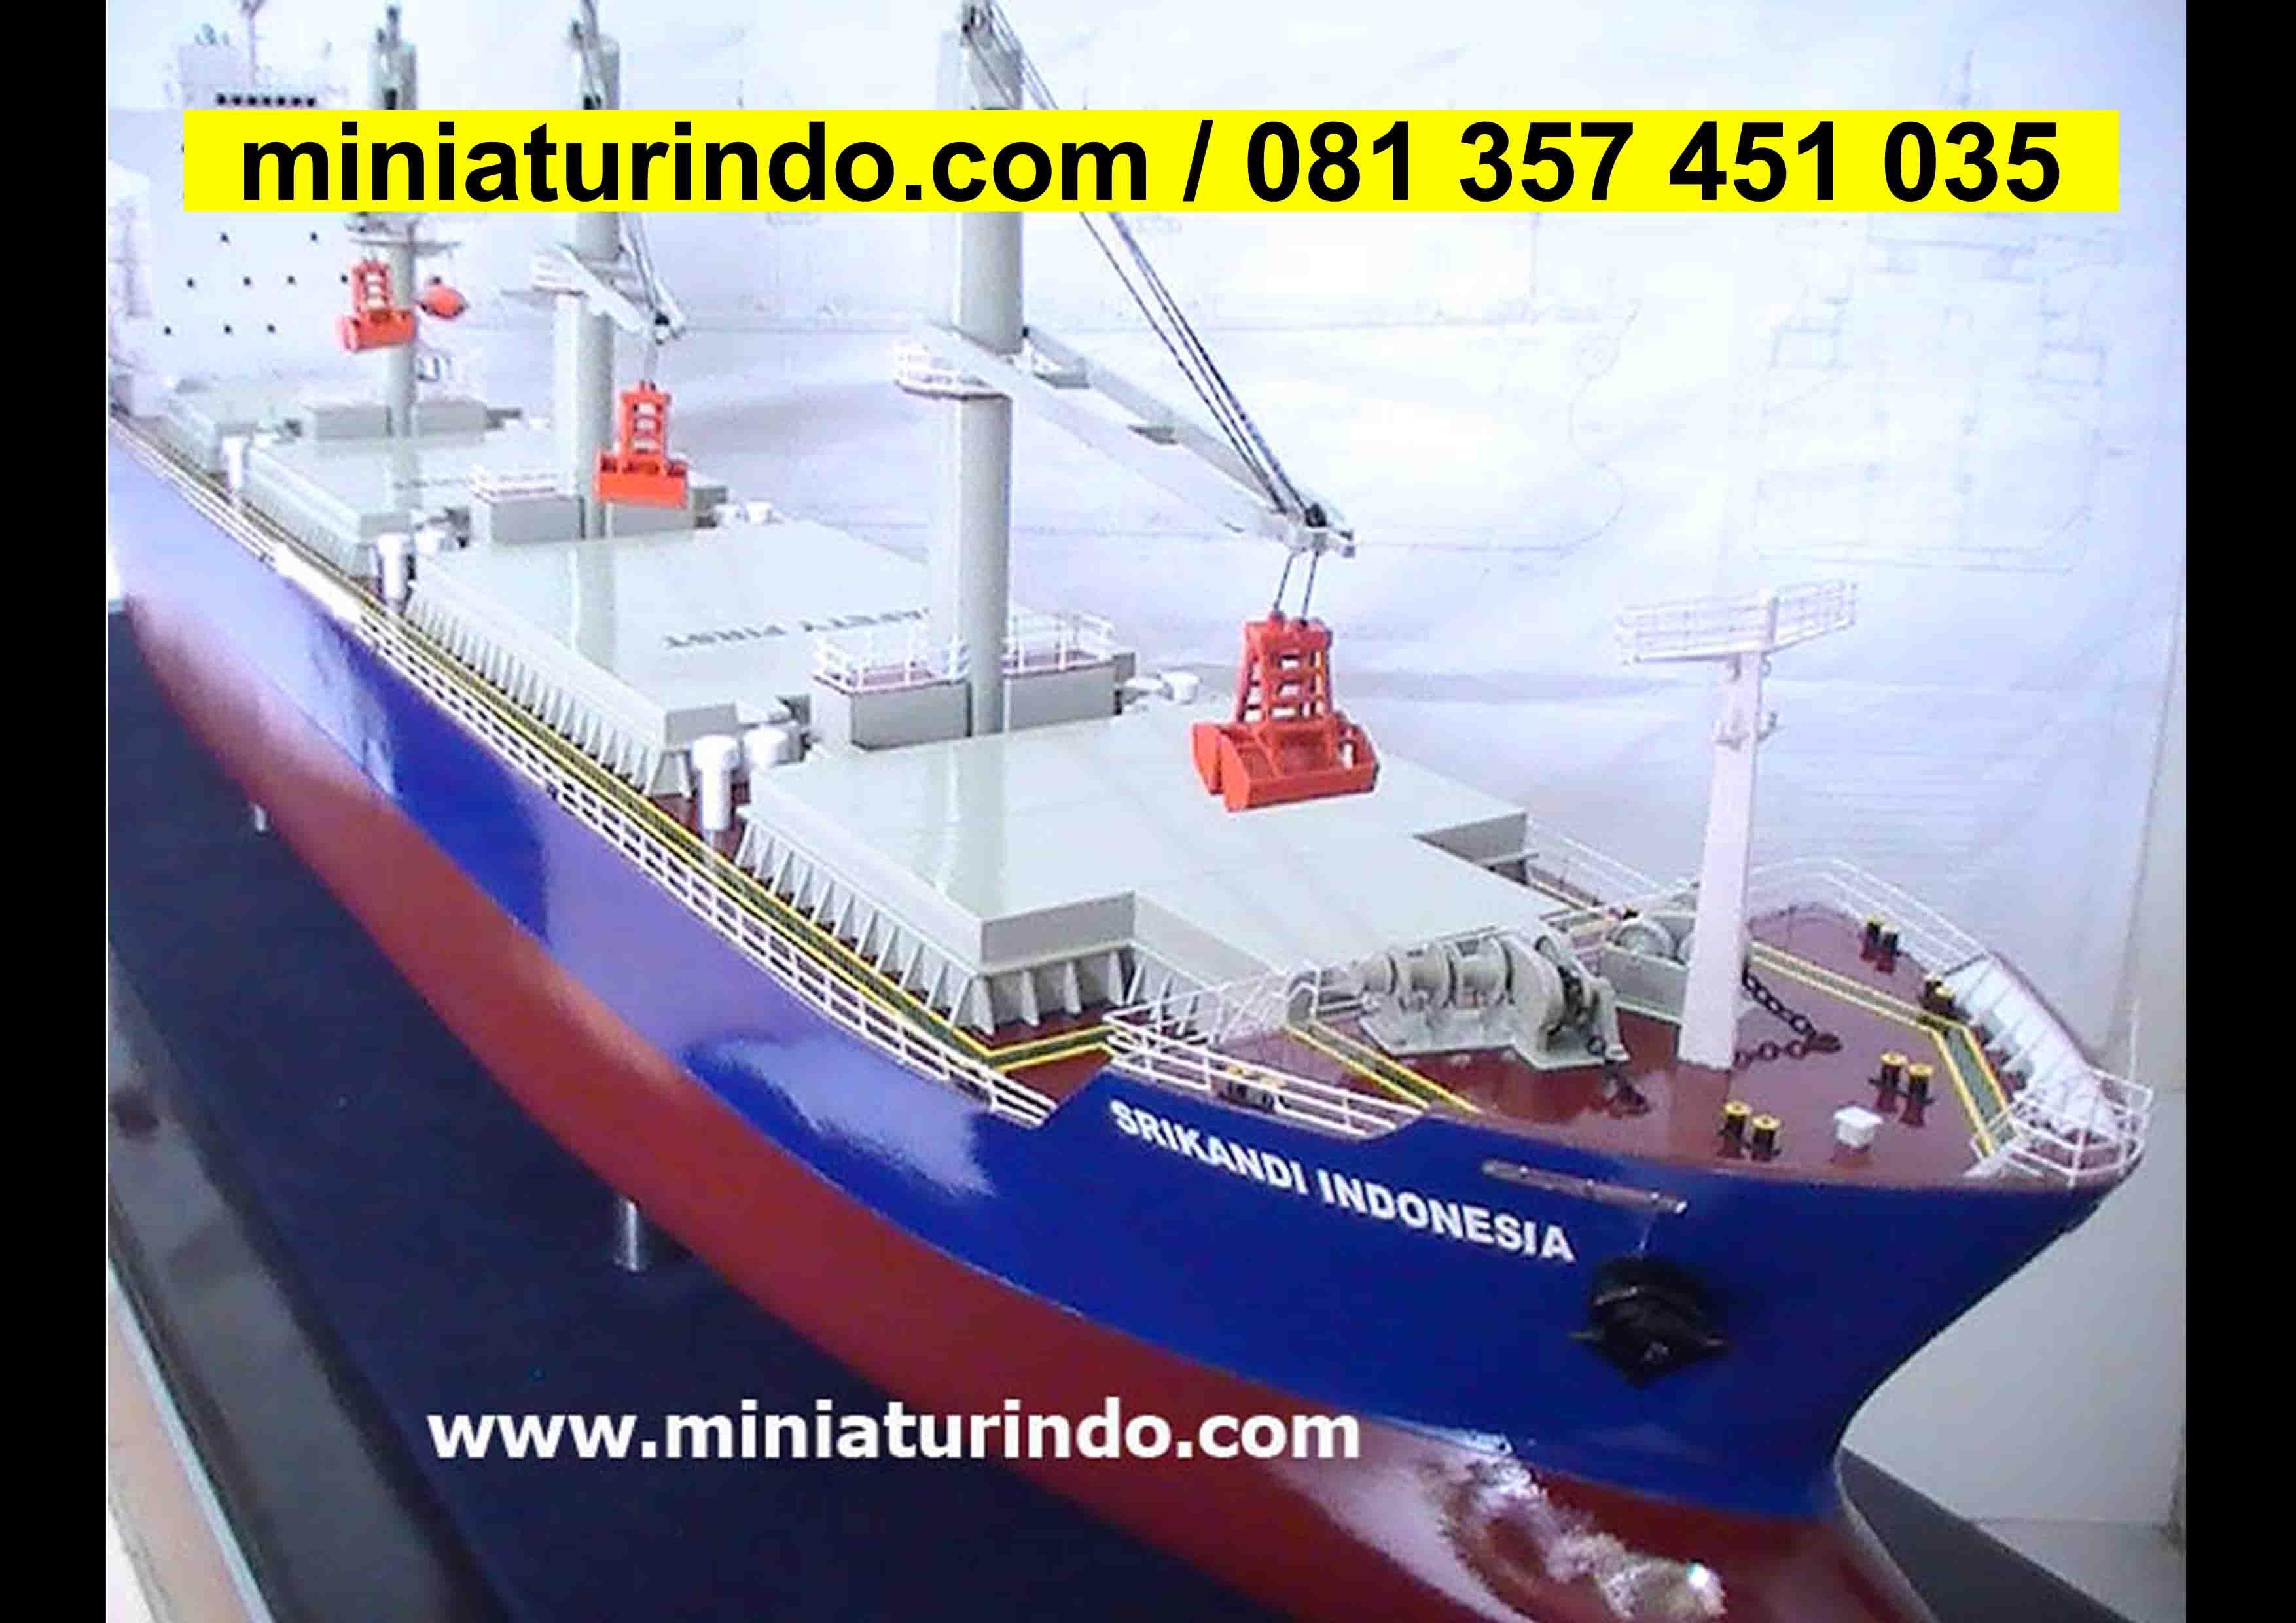 Kapal Laut Unik Uang Logam Terbuat Dari Apa Replika Kapal Perang